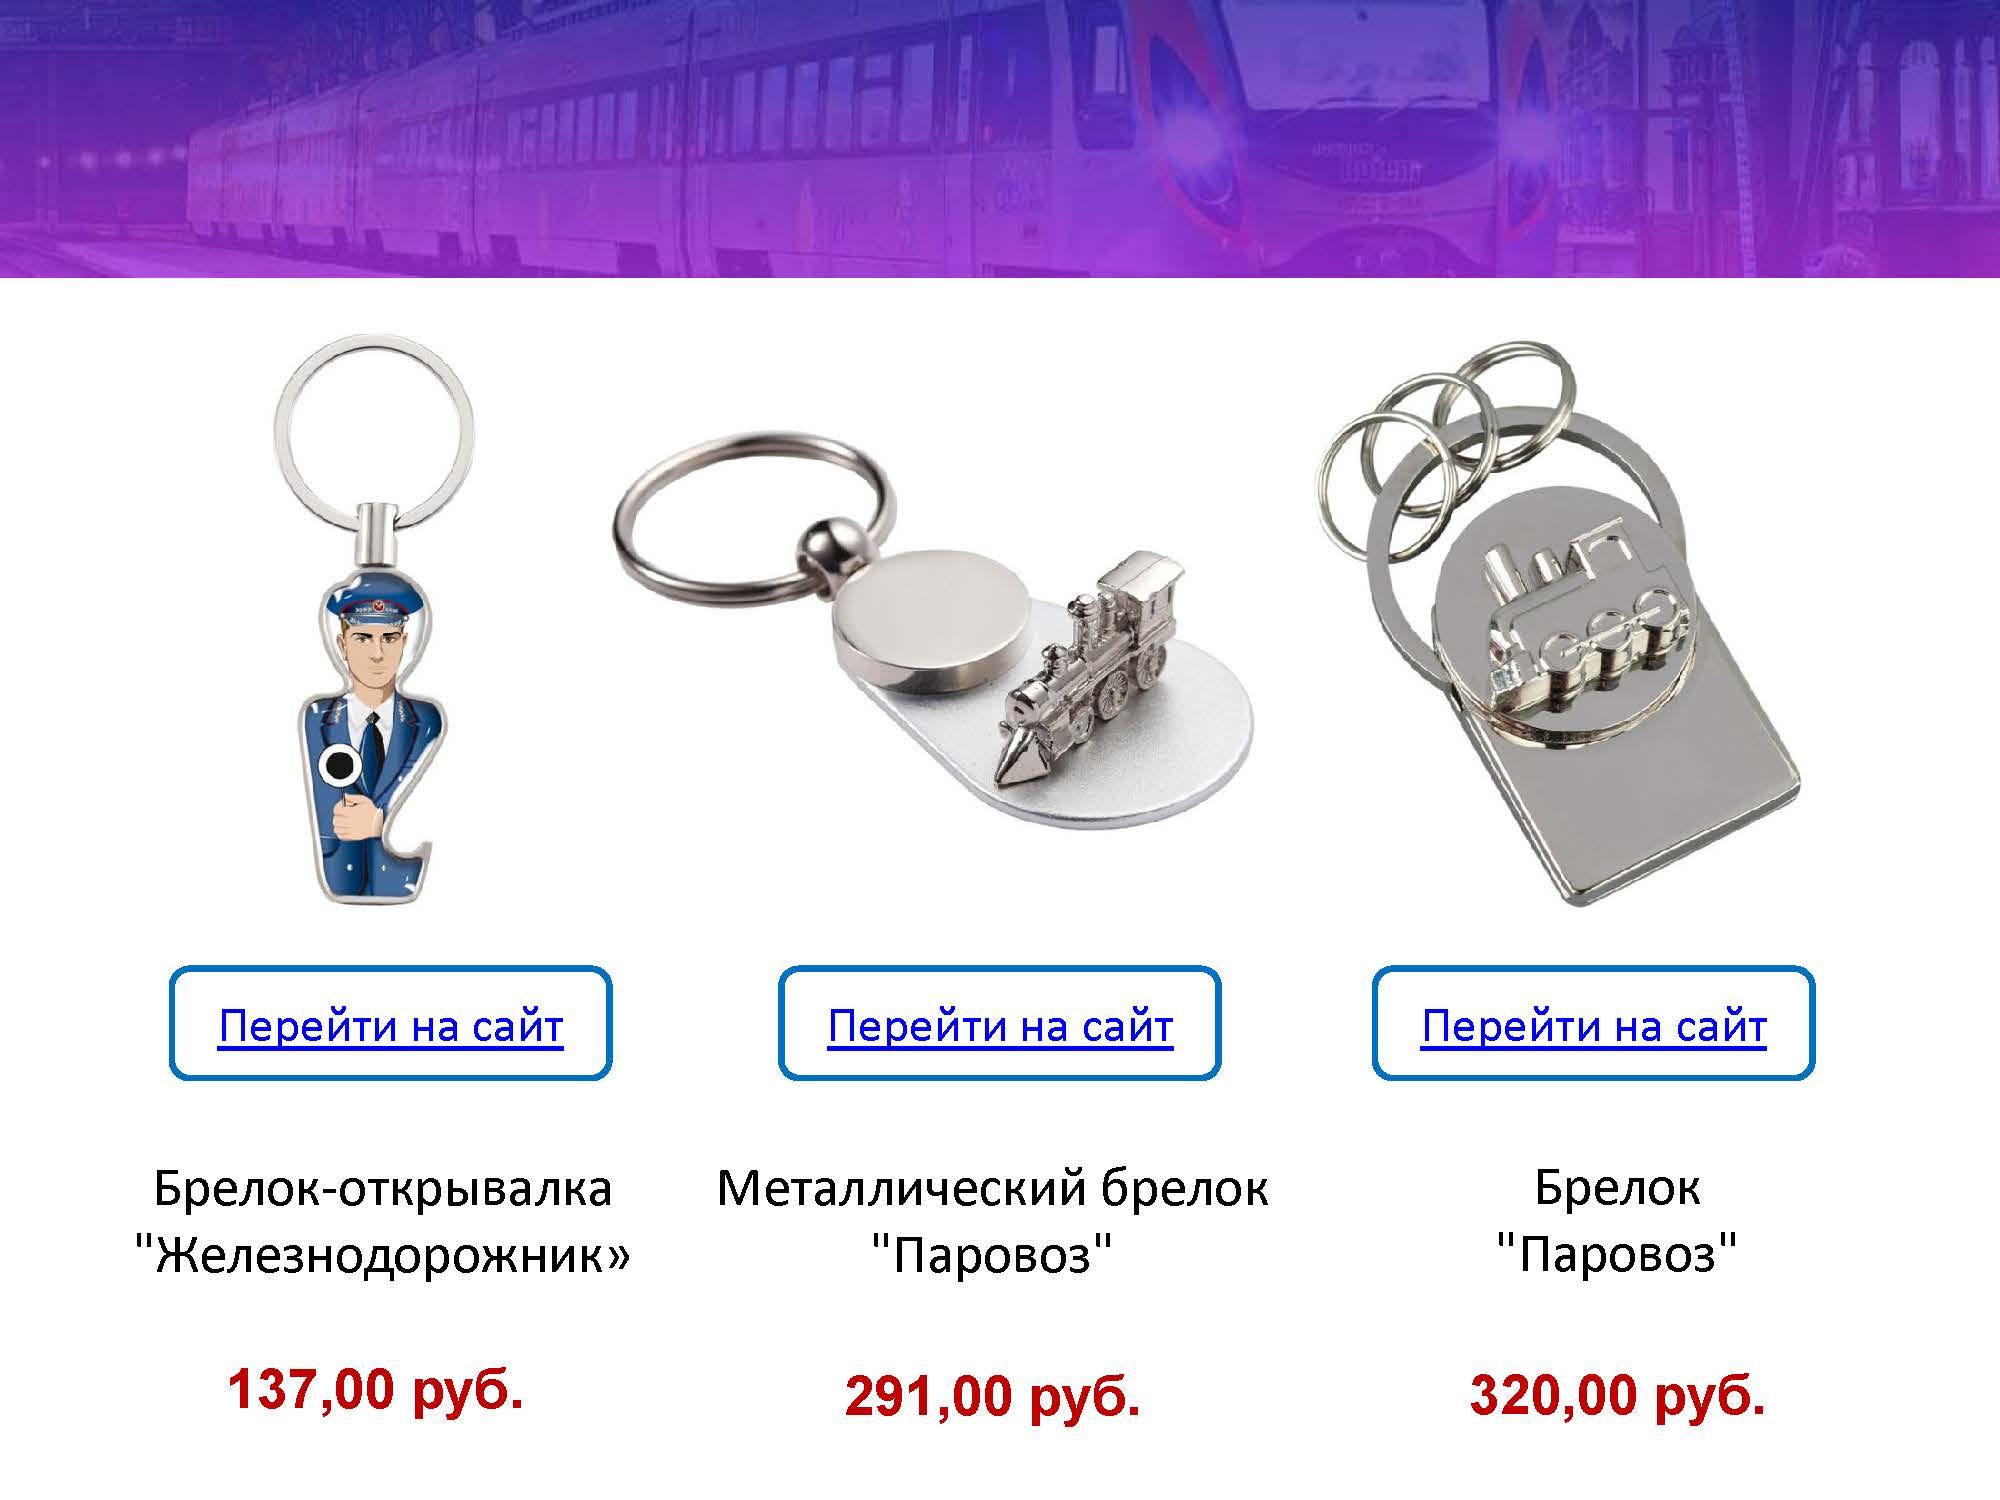 den_zheleznodorozhnika_07.08_Страница_02